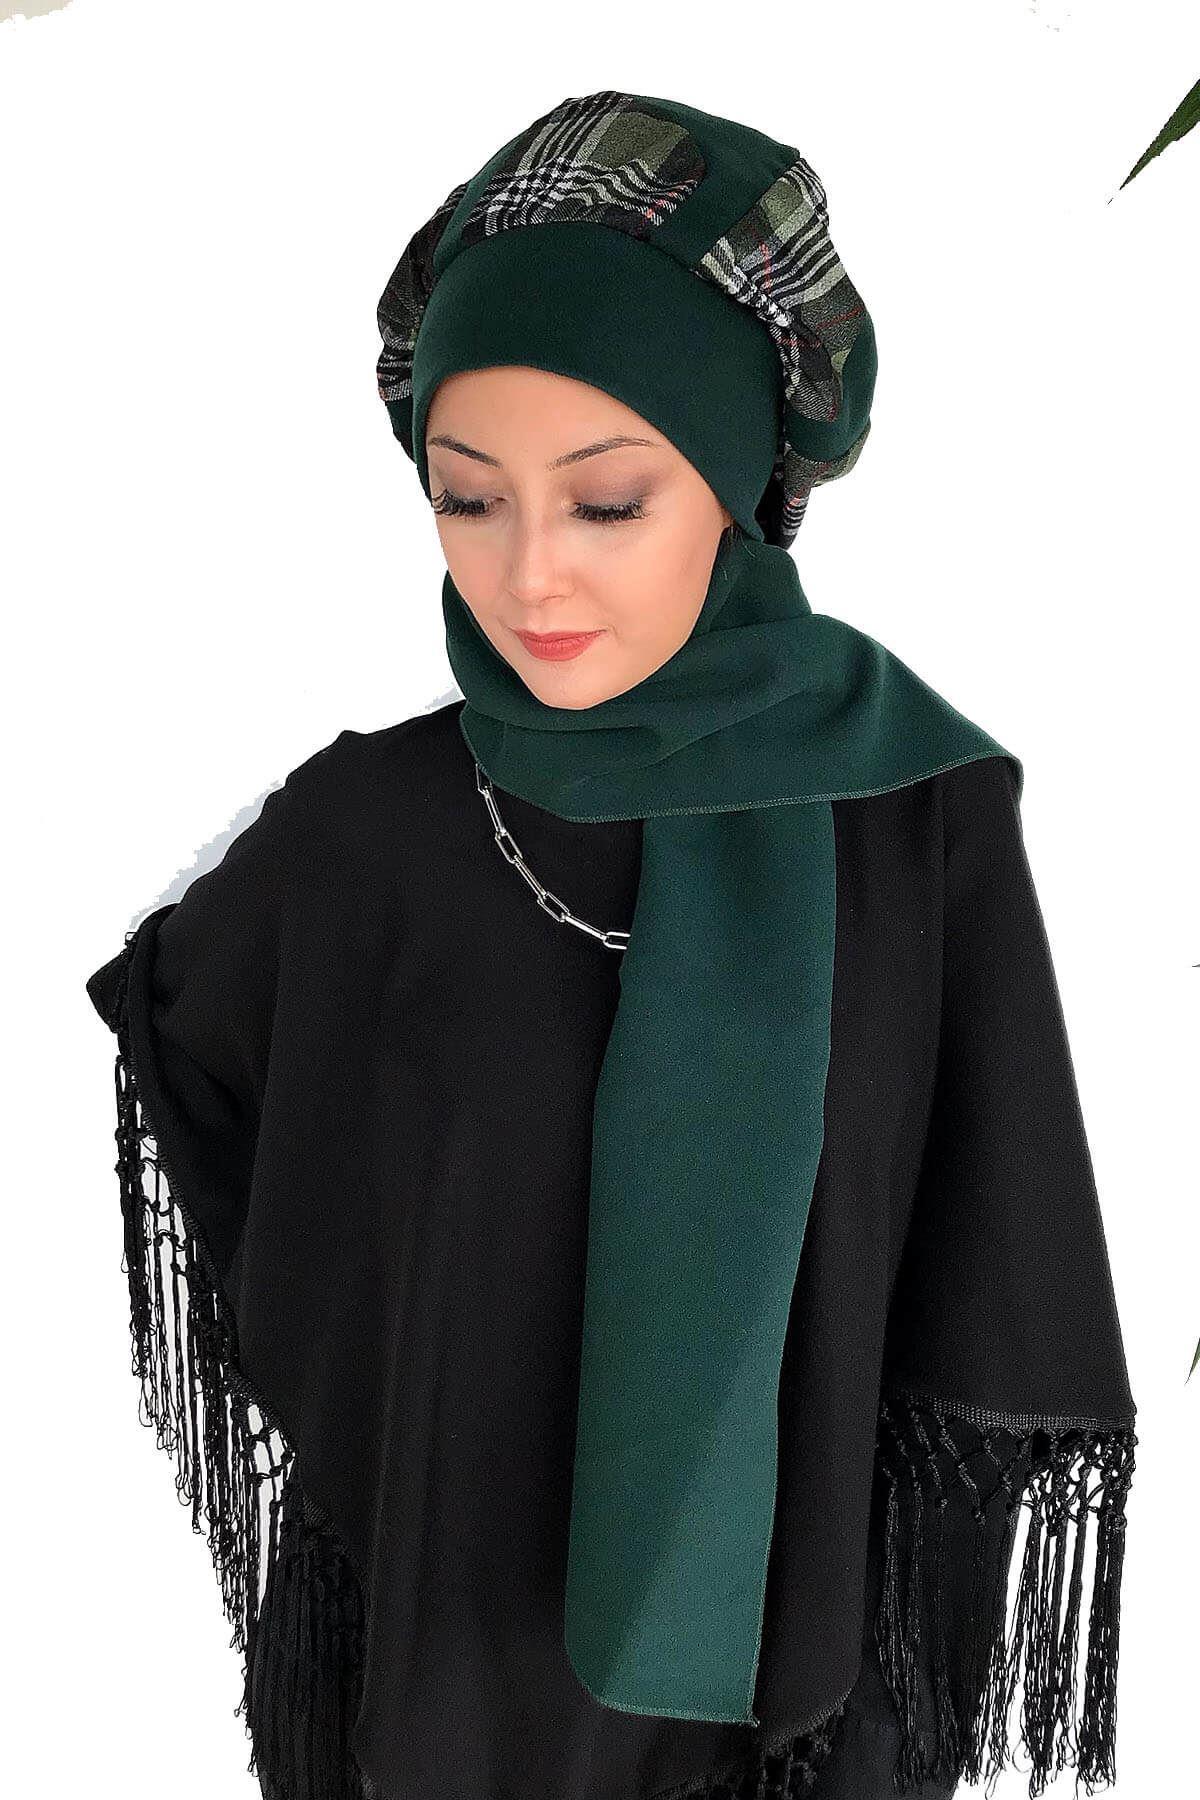 Zümrüt Yeşili Kaşe Yeşil Ekose Detaylı Atkılı Bere Şal&Dantel Detaylı Siyah Panço Kombin